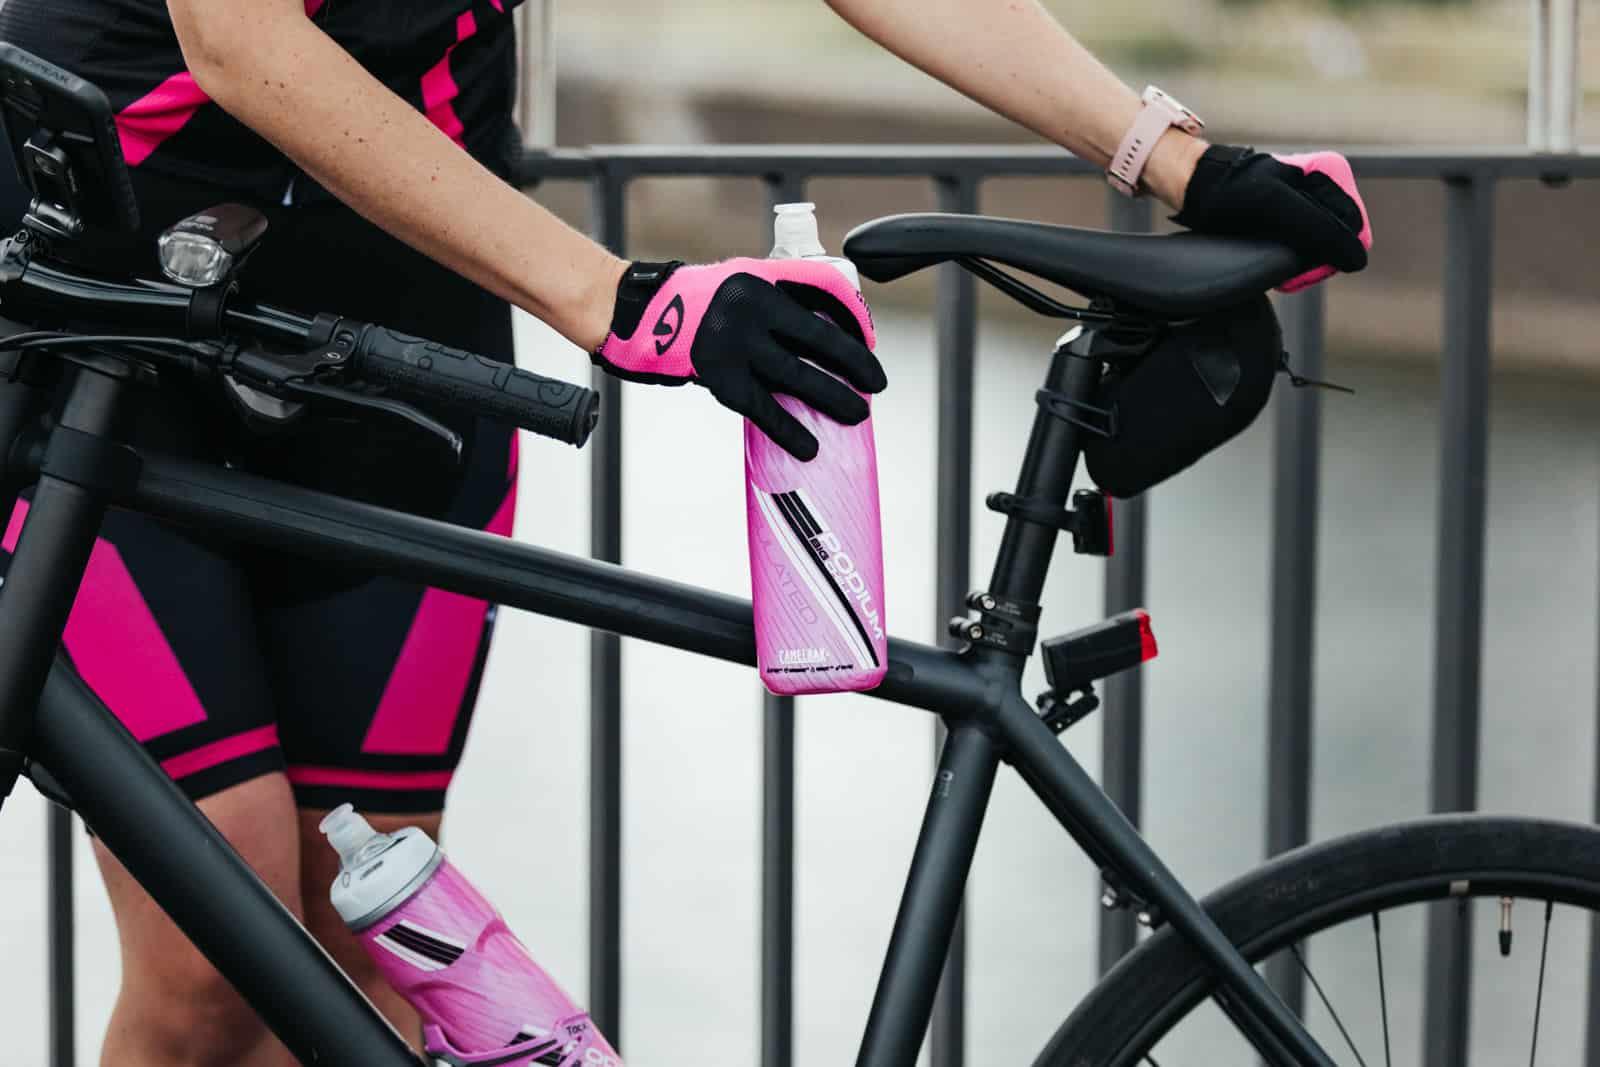 Frau greift nach pinker Trinkflasche an ihrem schwarzen Cannondale Fahrrad